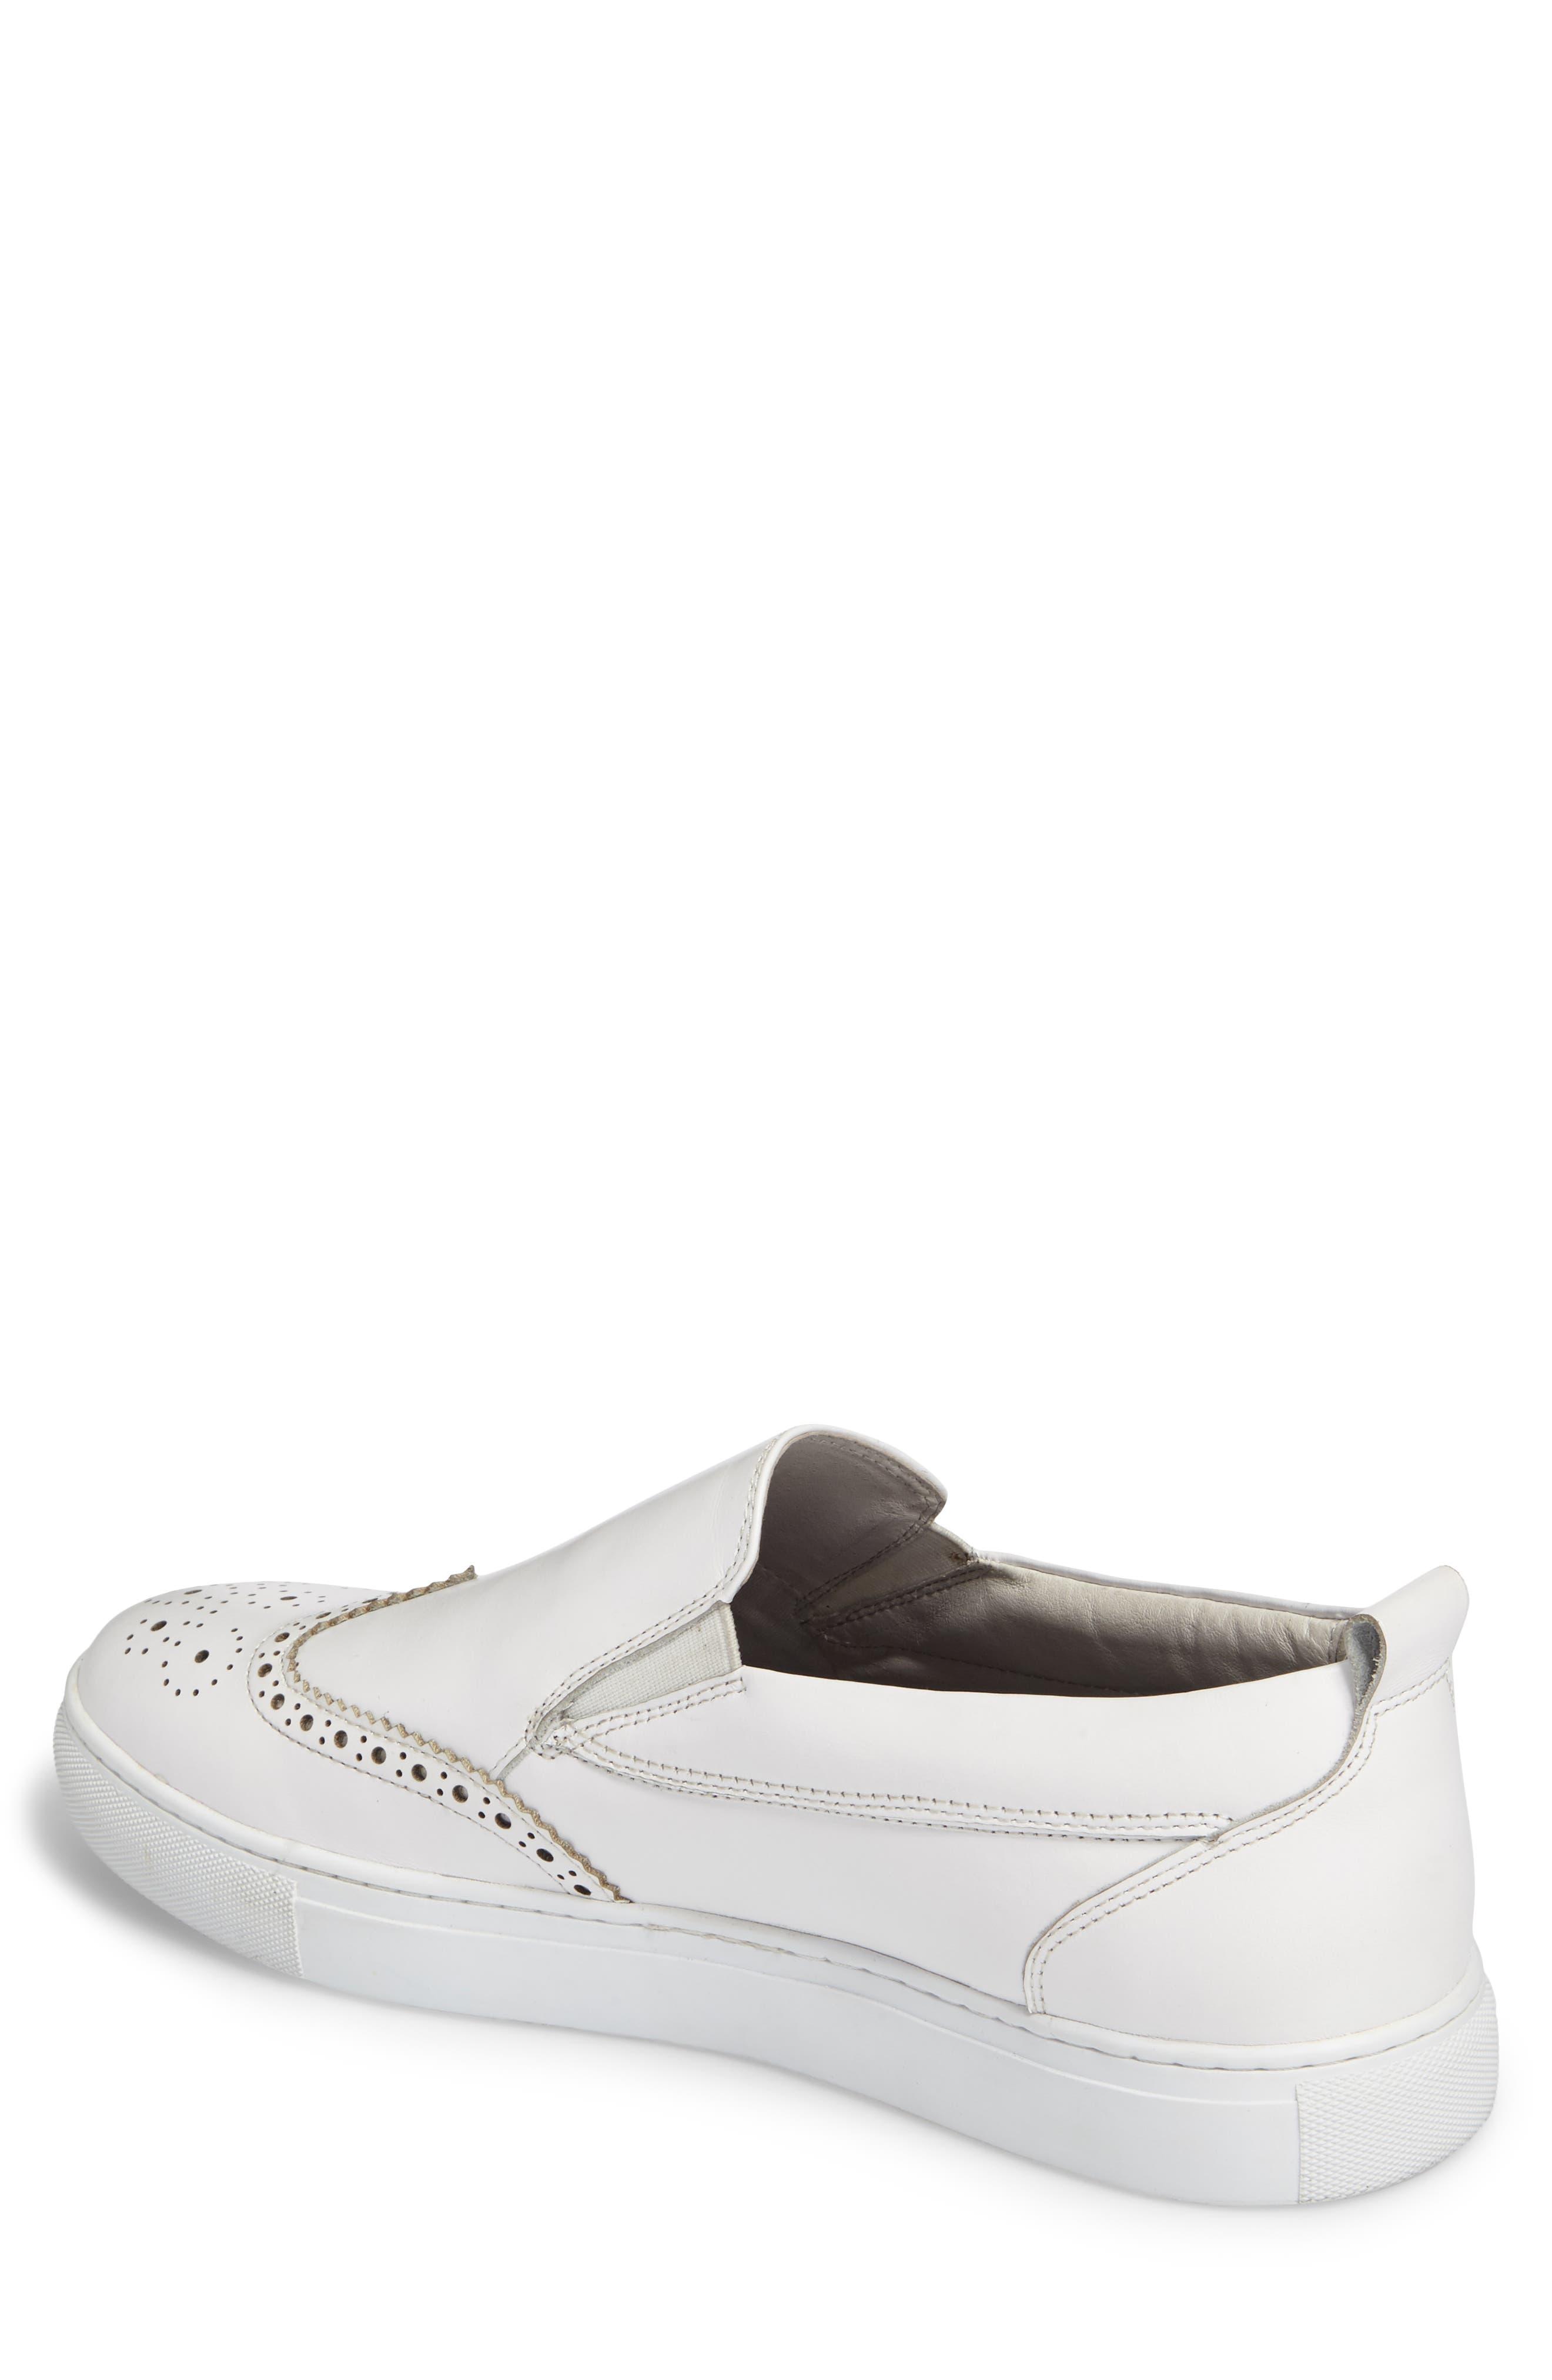 Ali Wingtip Slip-On Sneaker,                             Alternate thumbnail 2, color,                             White Leather